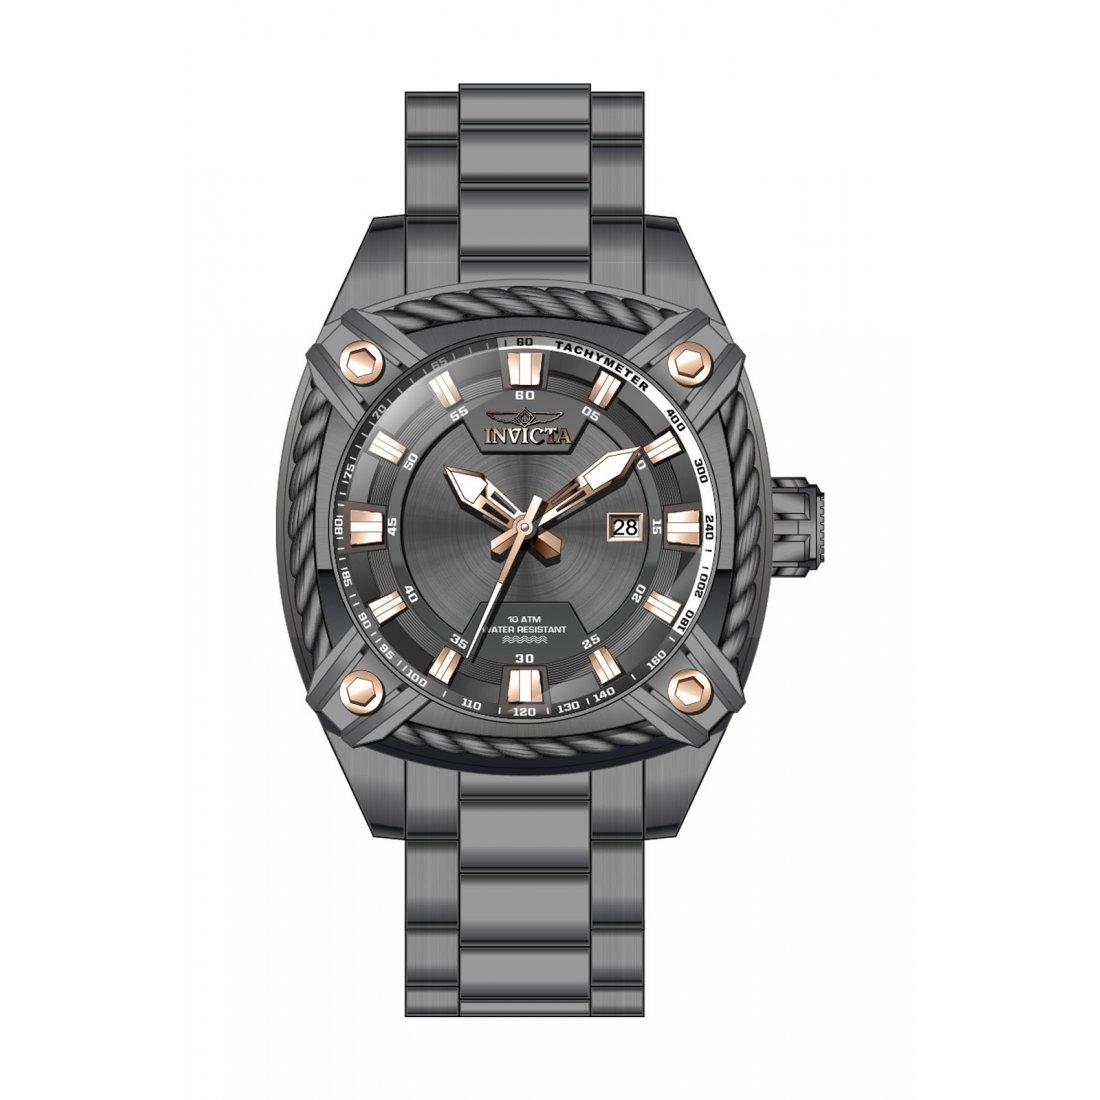 Invicta Bolt 31374 Anny van Buul Juweliers Horloges